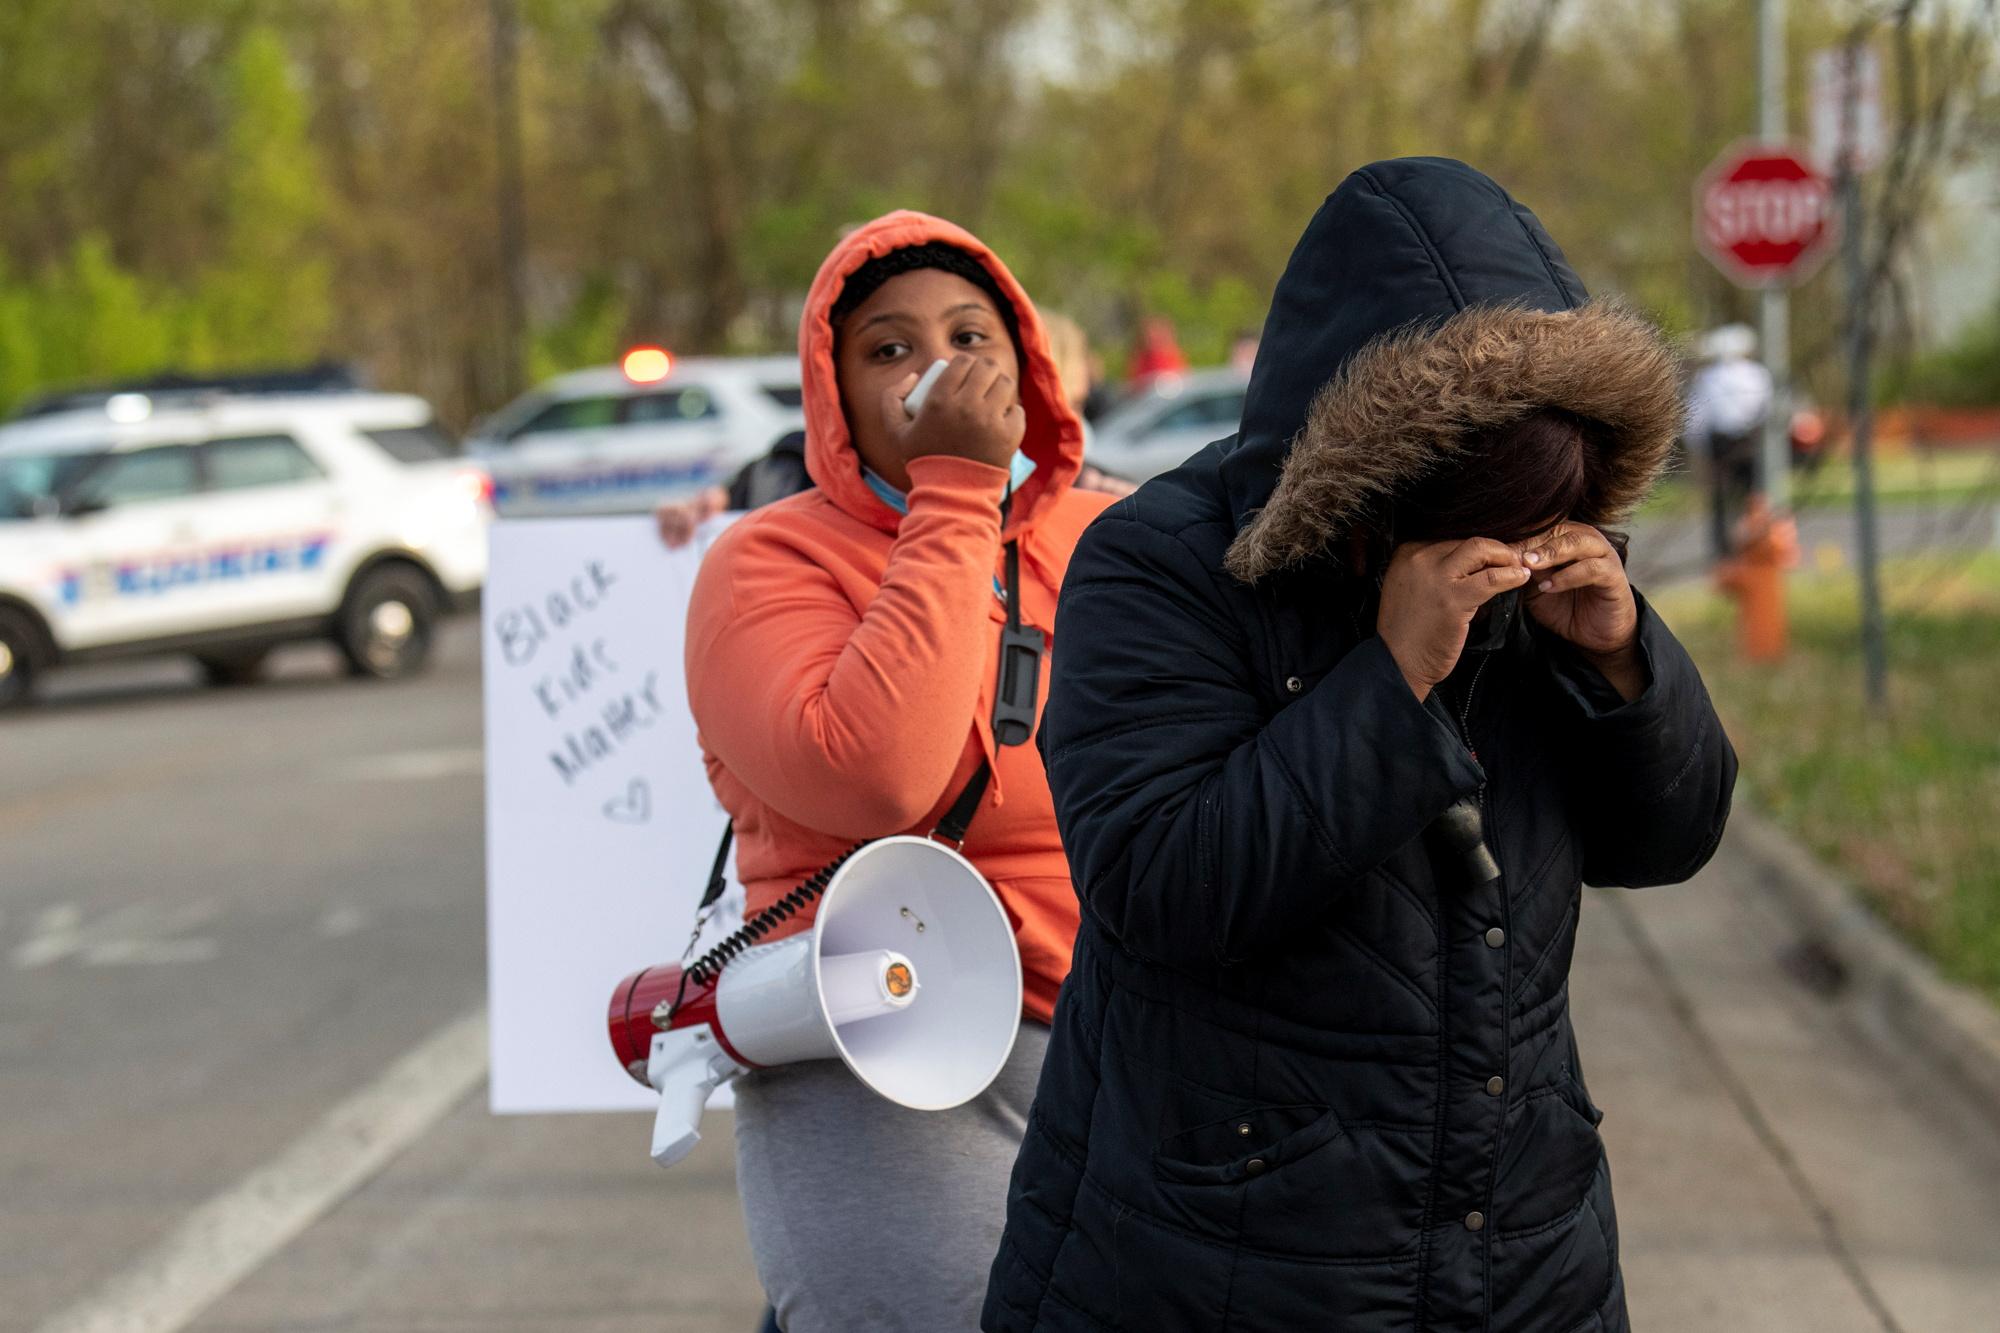 ΗΠΑ: Η αστυνομία σκότωσε 16χρονο κορίτσι στο Οχάιο – Απειλούσε να μαχαιρώσει δυο άτομα